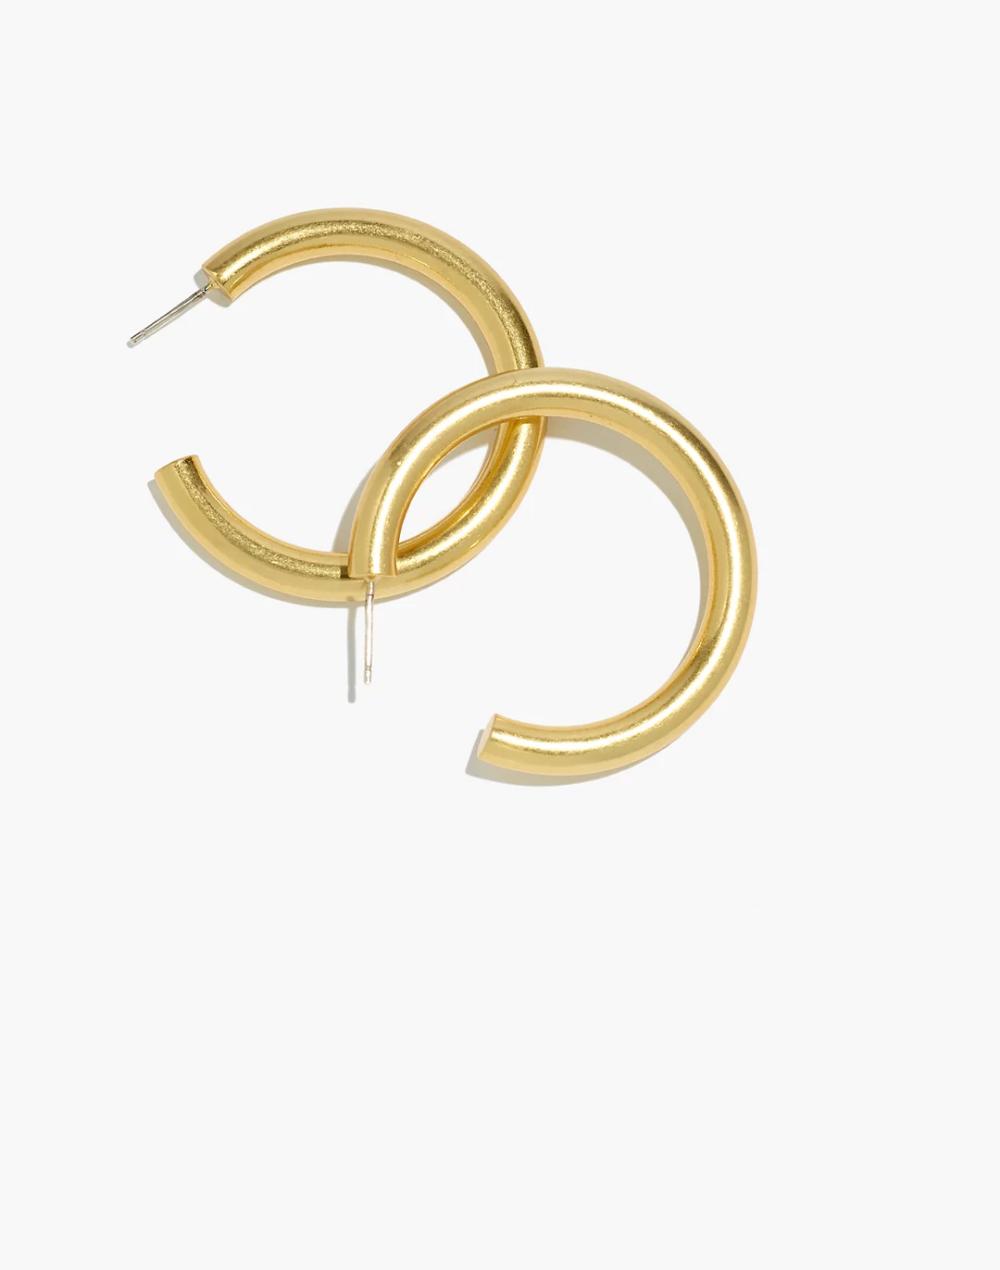 Chunky Large Hoop Earrings Large Hoop Earrings Big Hoop Earrings Women S Earrings